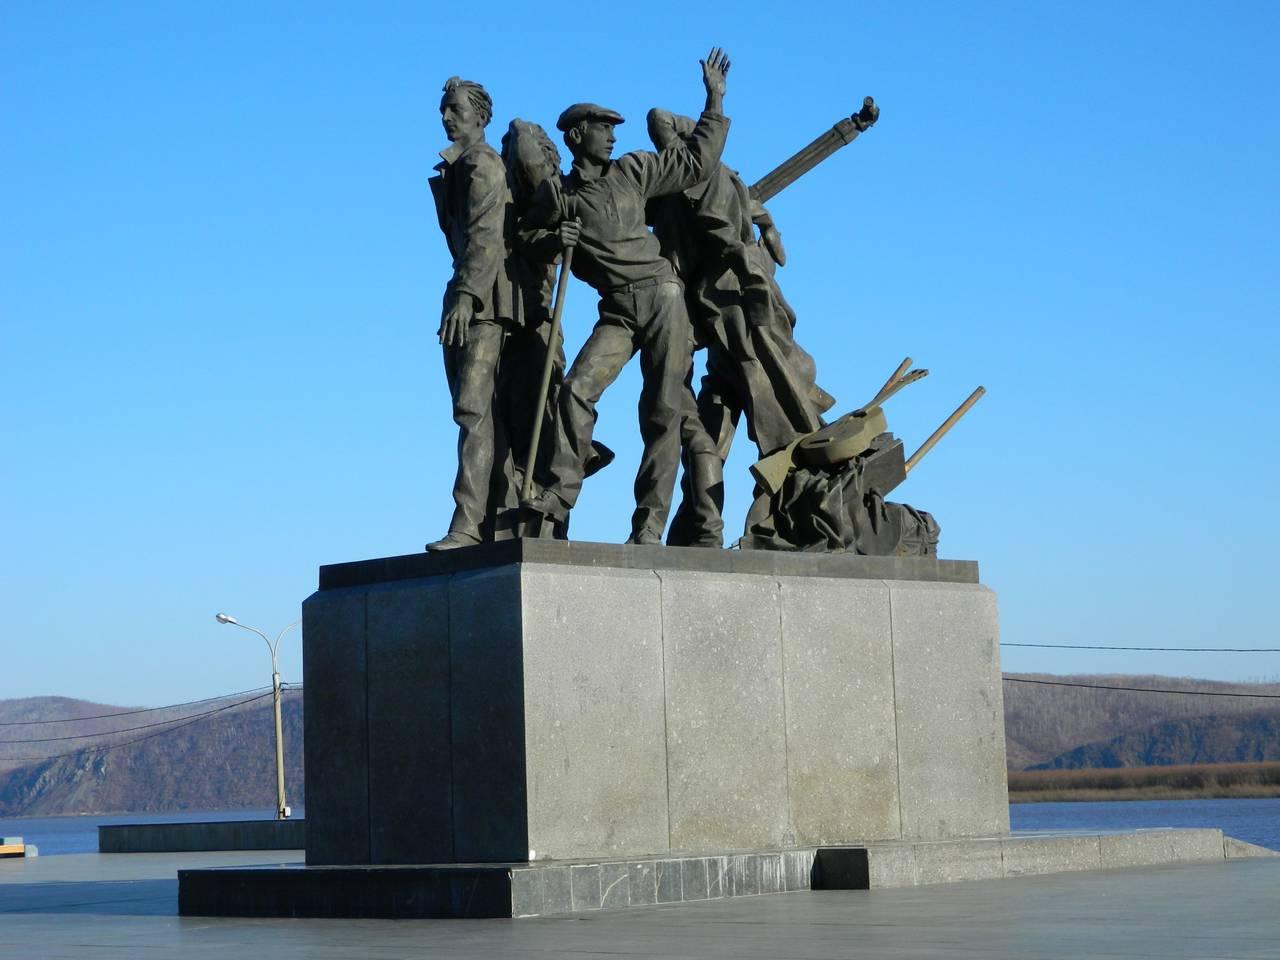 Заказать памятник Комсомольск-на-Амуре памятник подешевле Электрозаводская